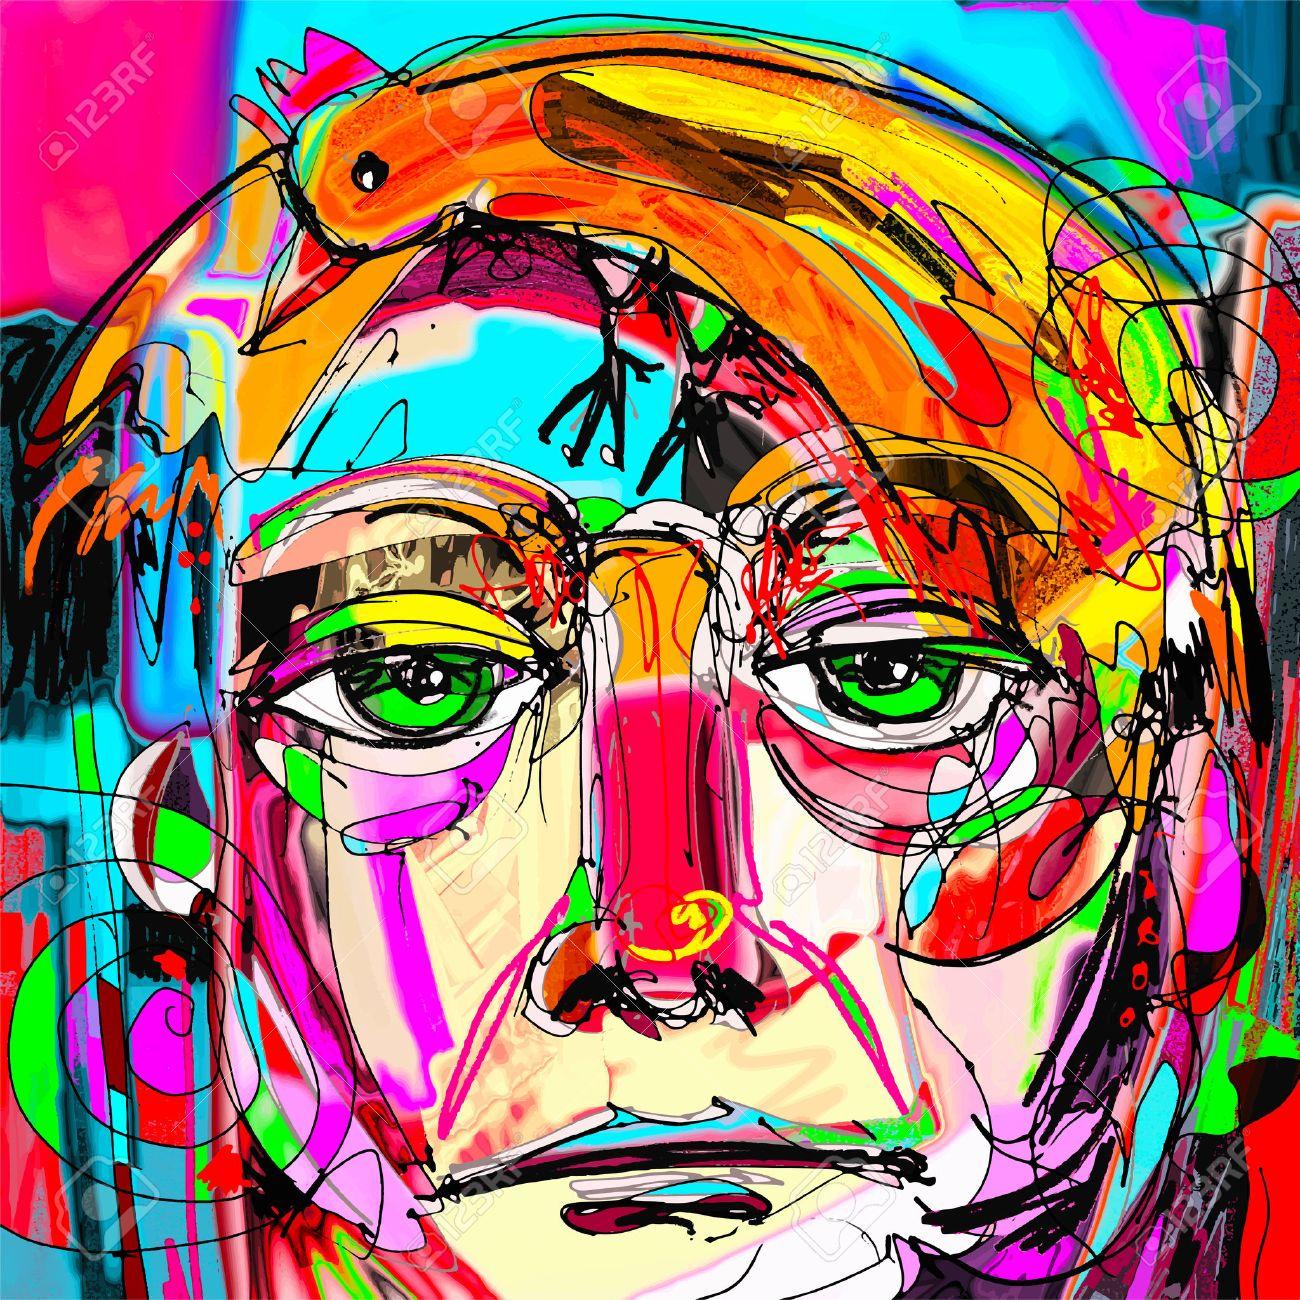 Ursprüngliche Abstrakte Kunst Zeitgenössische Digitale Malerei ...